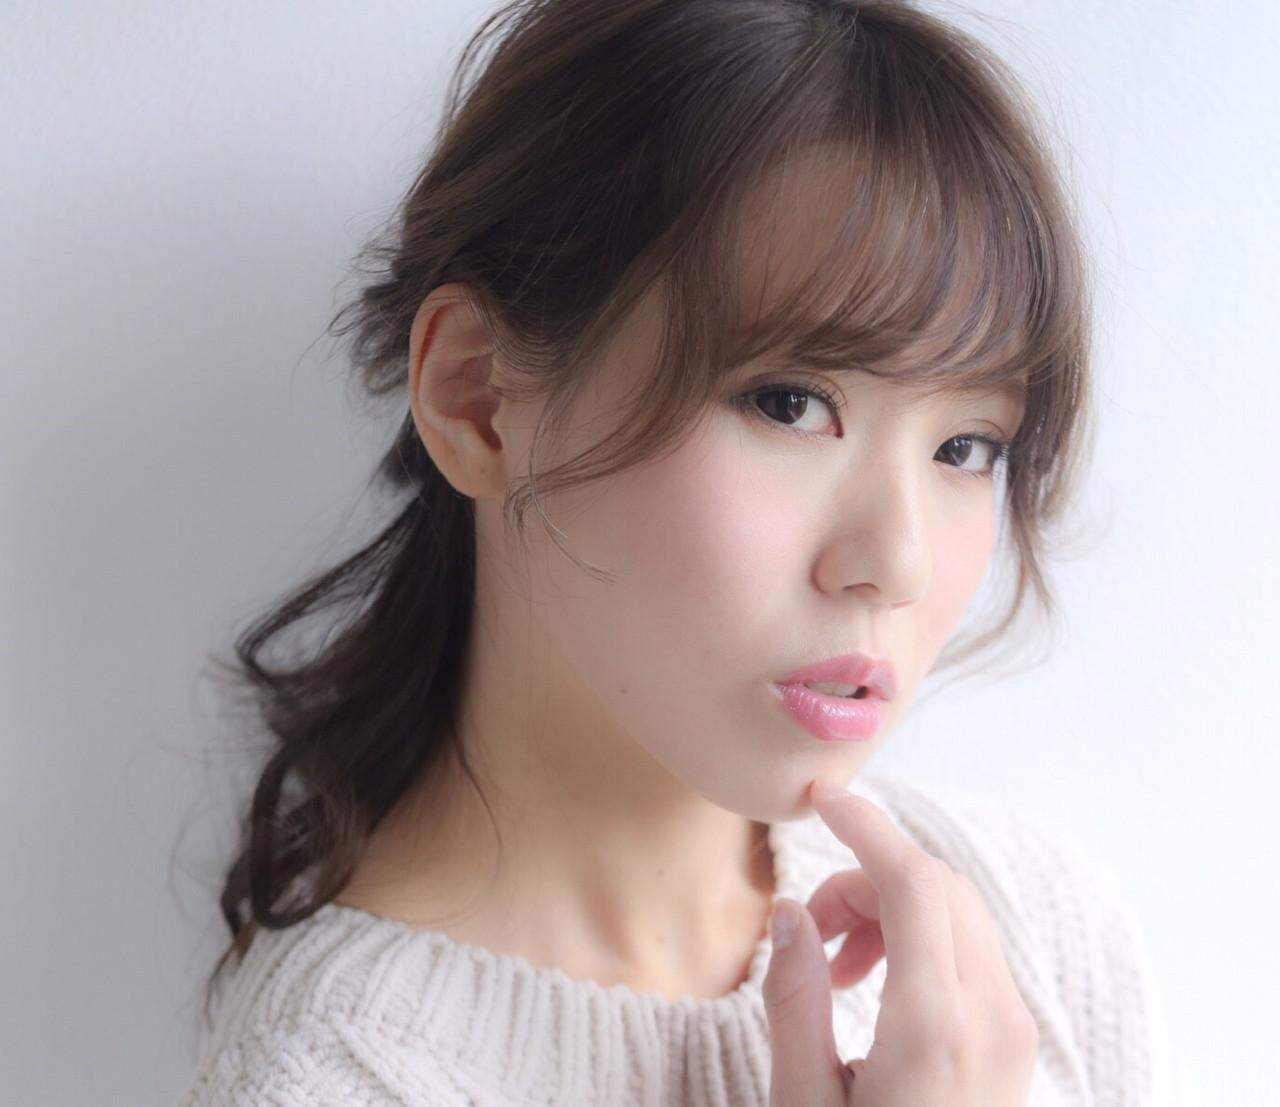 フェミニン ヘアアレンジ ミディアム ヘアスタイルや髪型の写真・画像 | moe /